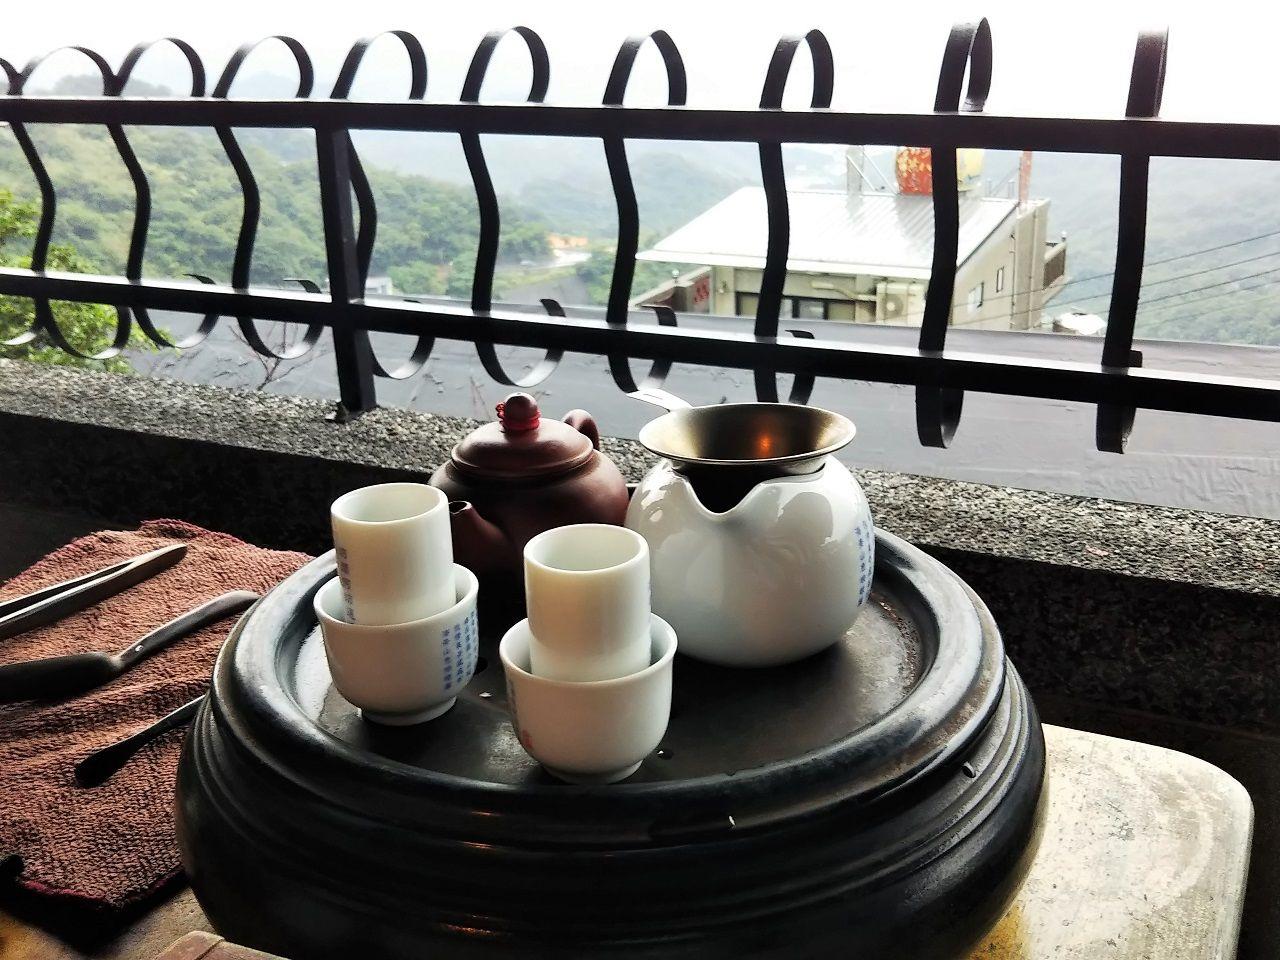 海悦楼茶坊で伝統的な台湾茶をいただく